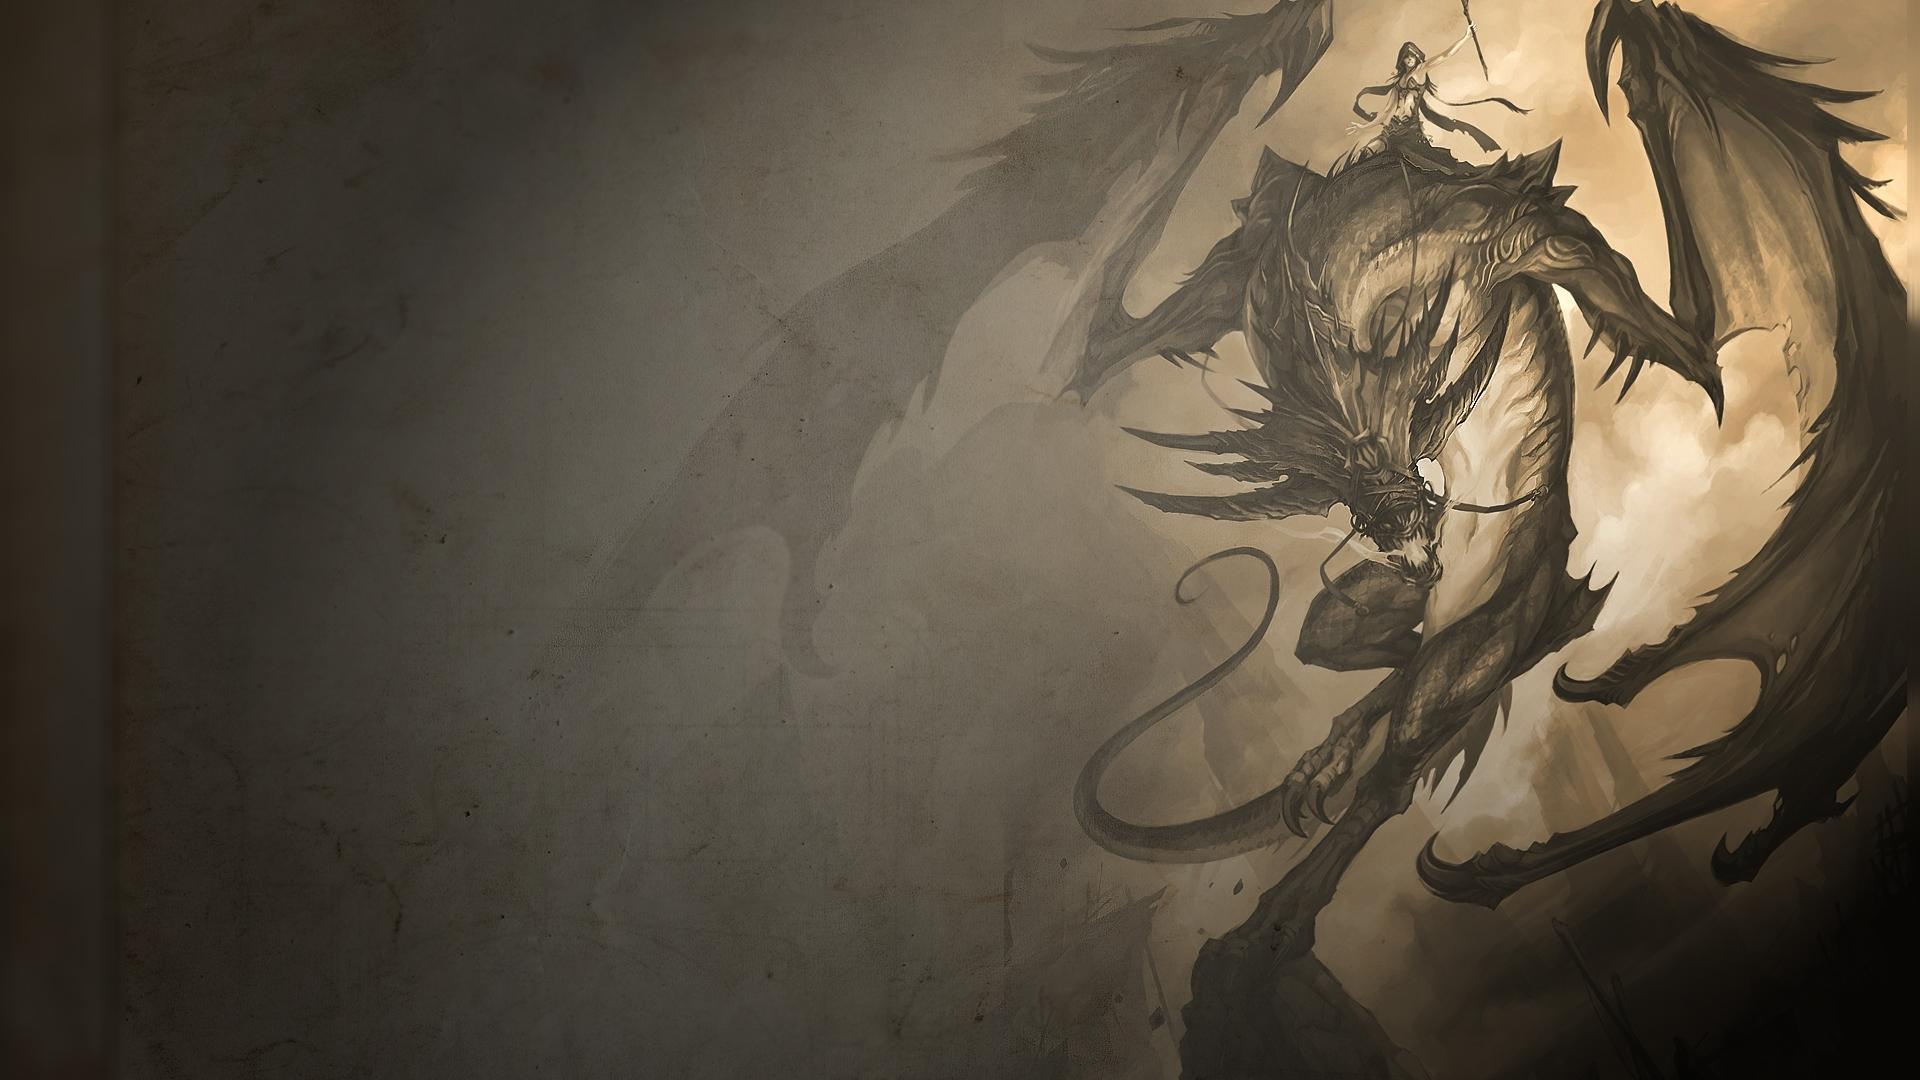 1920x1080 dragon wallpaper desktop   Magic4Wallscom 1920x1080